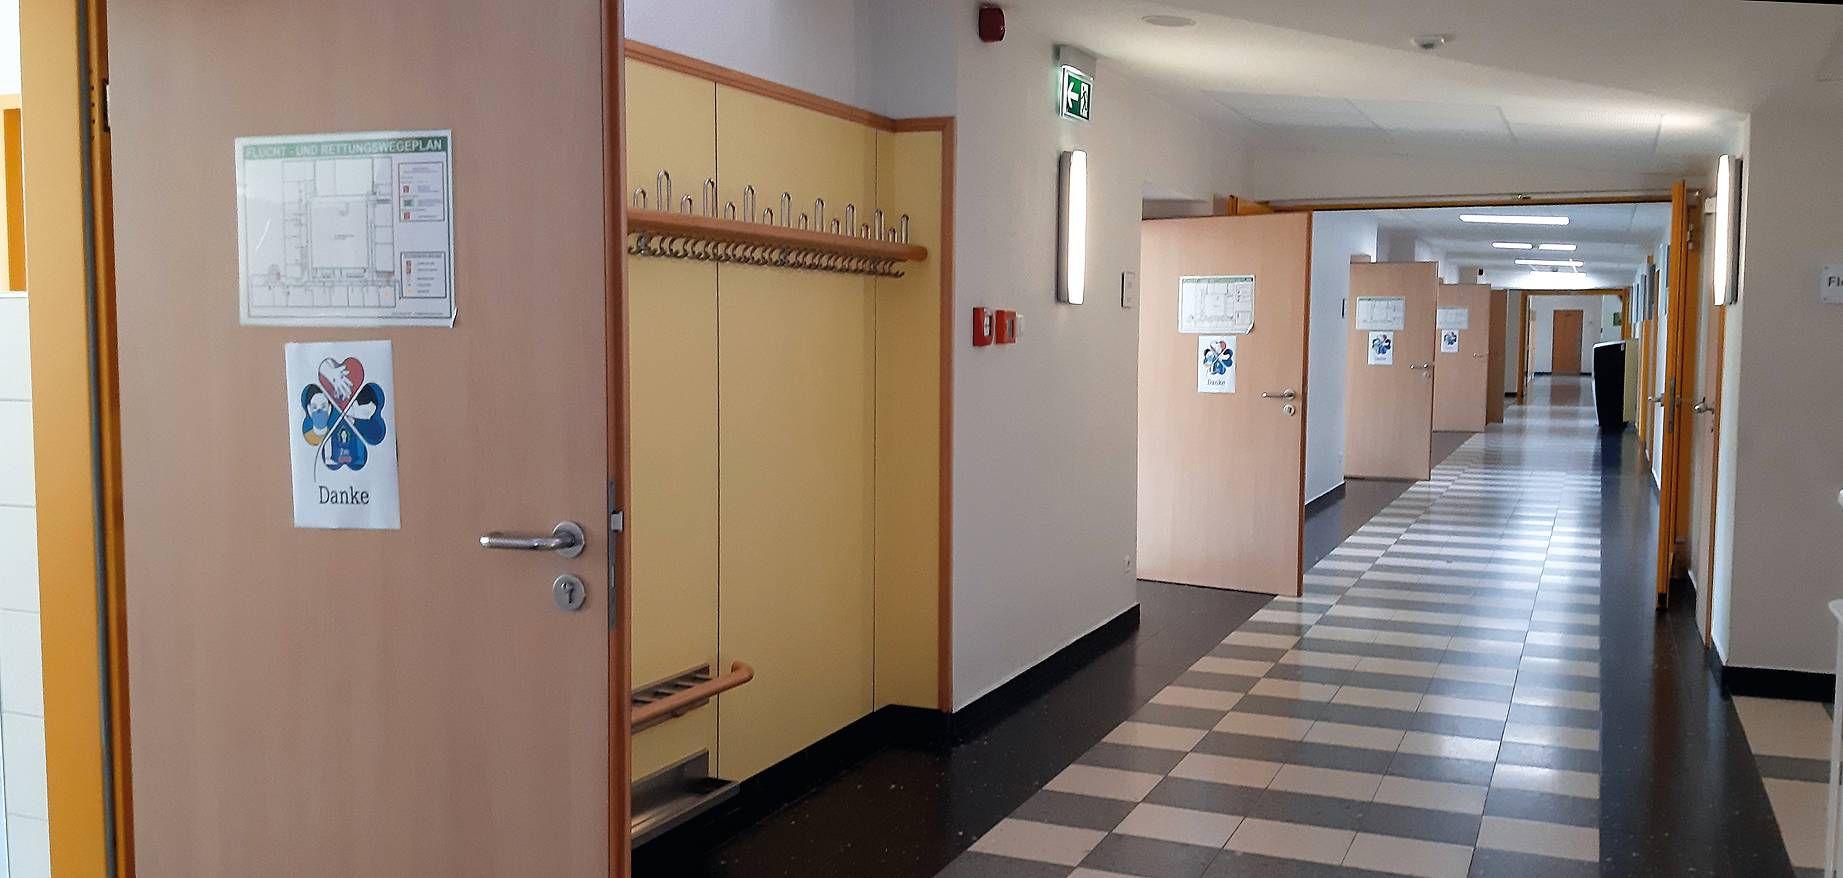 Um eine stete Durchlüftung der Klassenräume zu gewährleisten sollen in bayerischen Klassenzimmern in den nächsten Monaten Türen und Fenster auch während des Unterrichts möglichst offenstehen – ein sehr ungewohnter Anblick im Schulhaus.